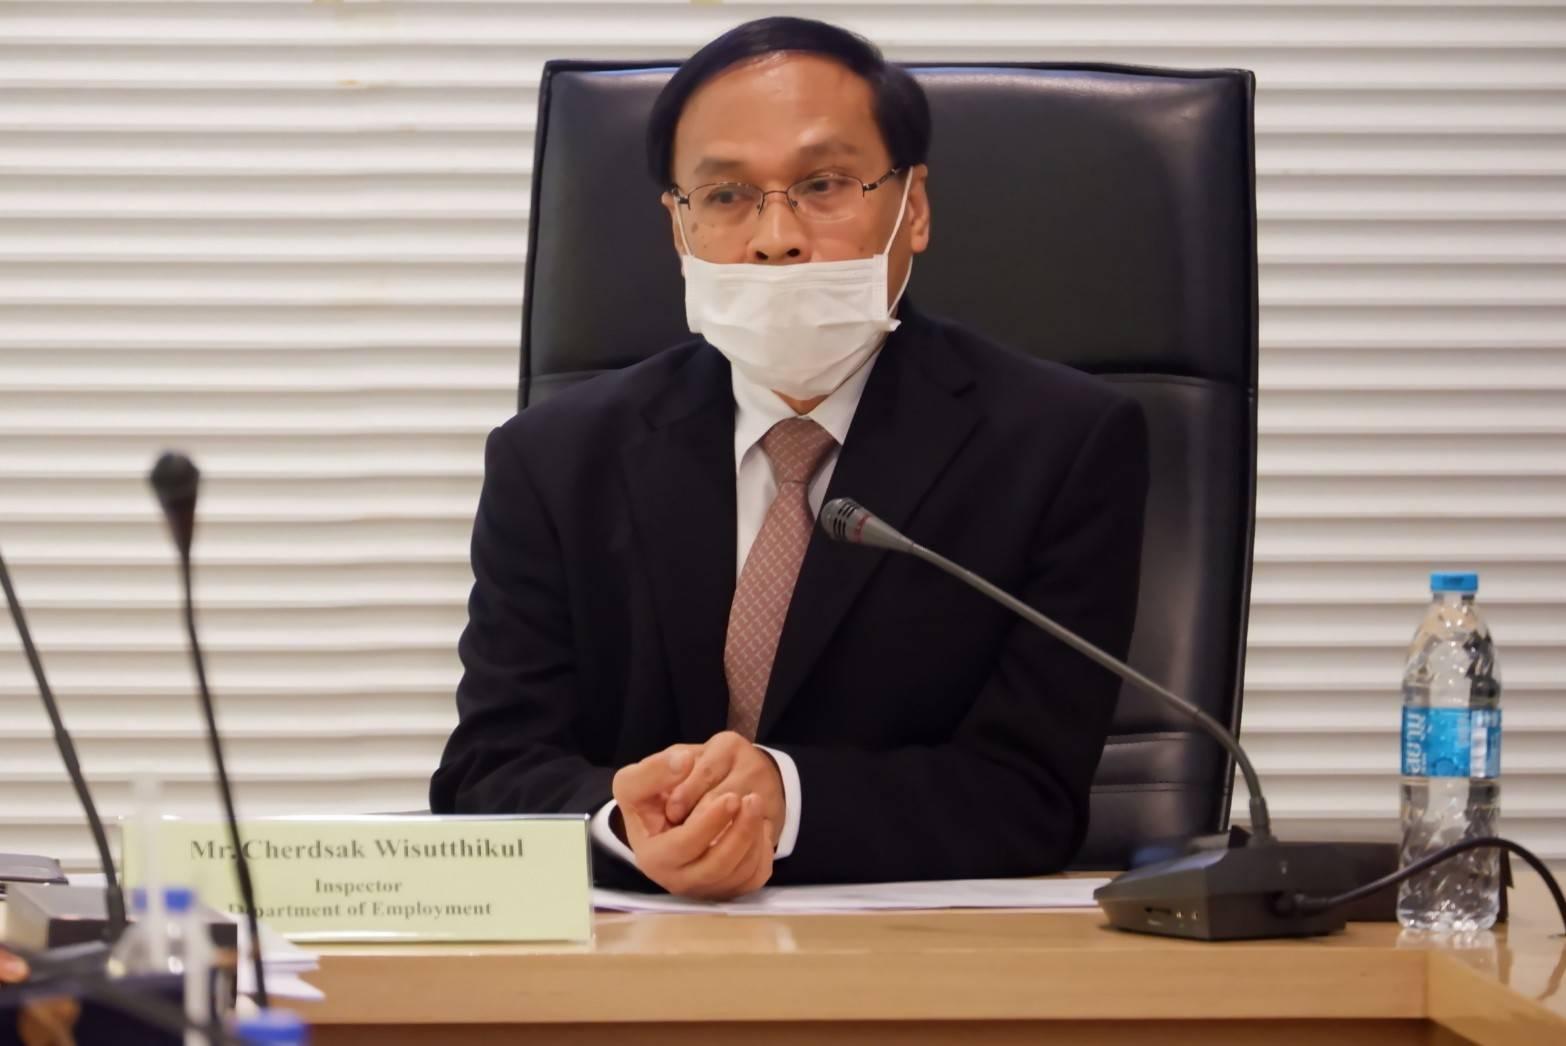 กกจ. ประชุมหารือข้อตกลงการจ้างแรงงานไทยทำงานชั่วคราวในภาคเกษตรอิสราเอลระดับเจ้าหน้าที่อาวุโส